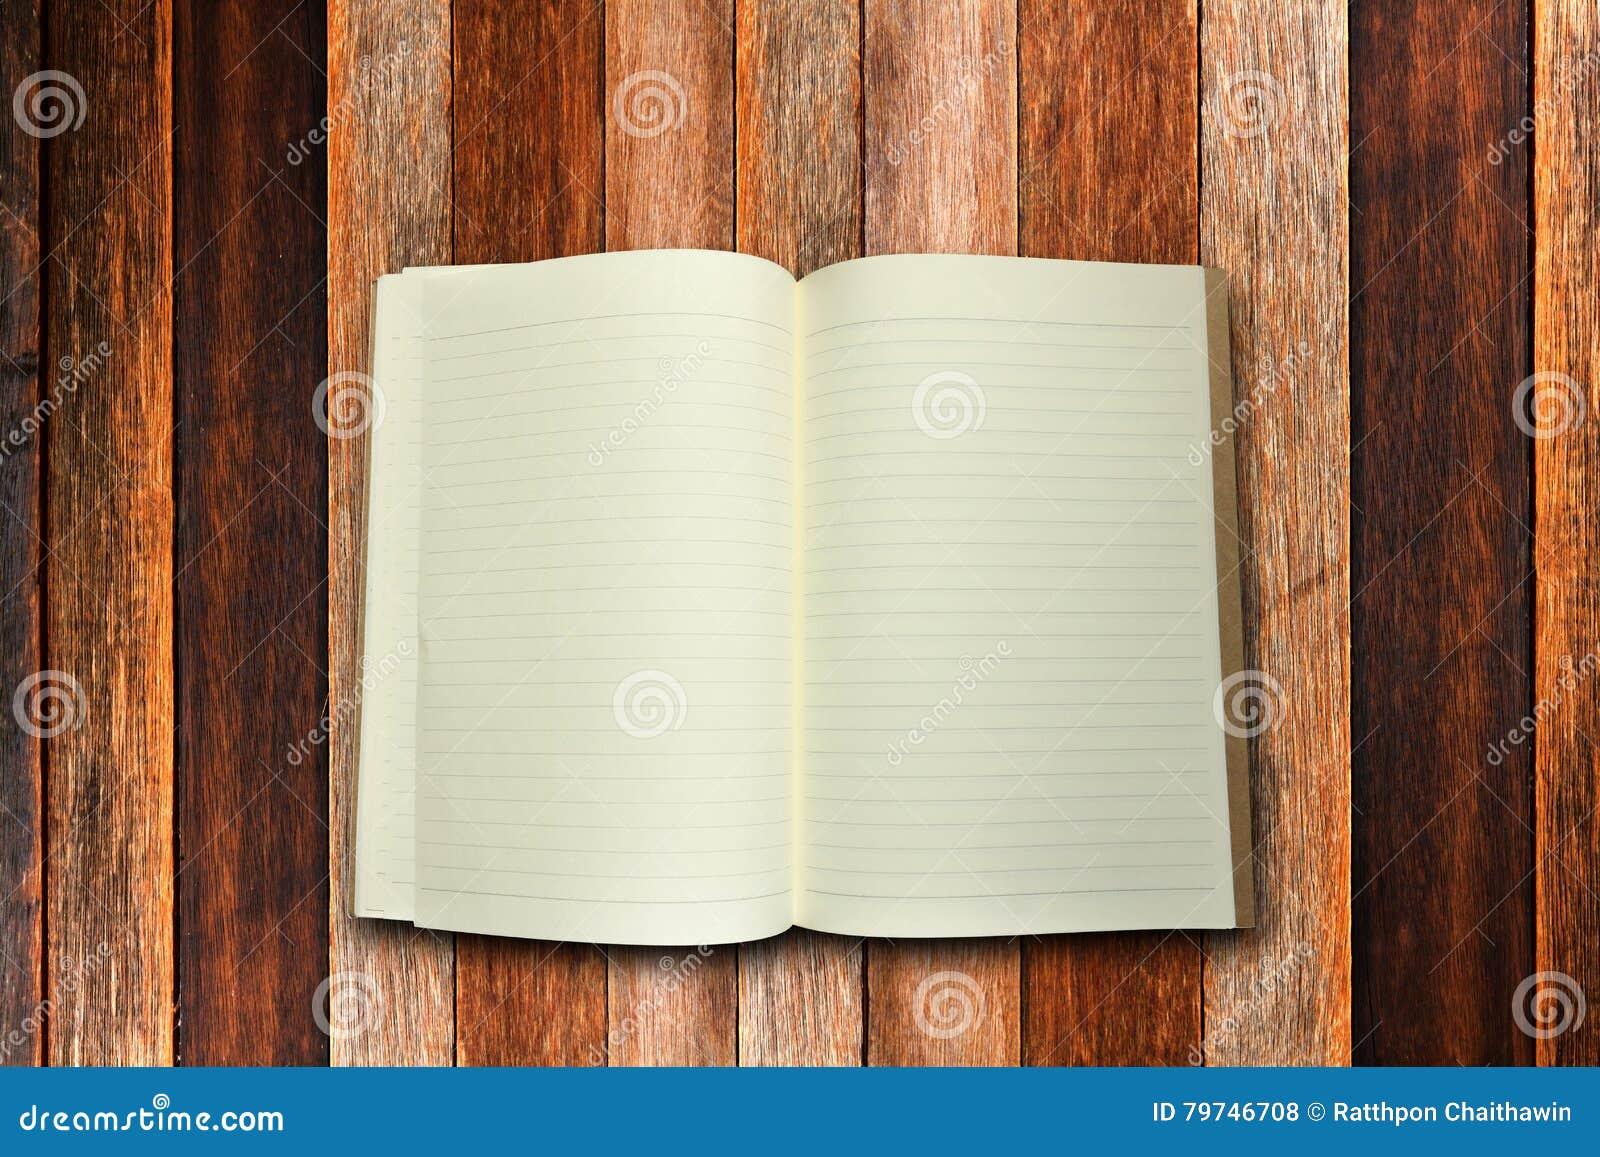 Centro del libro con el fondo de madera